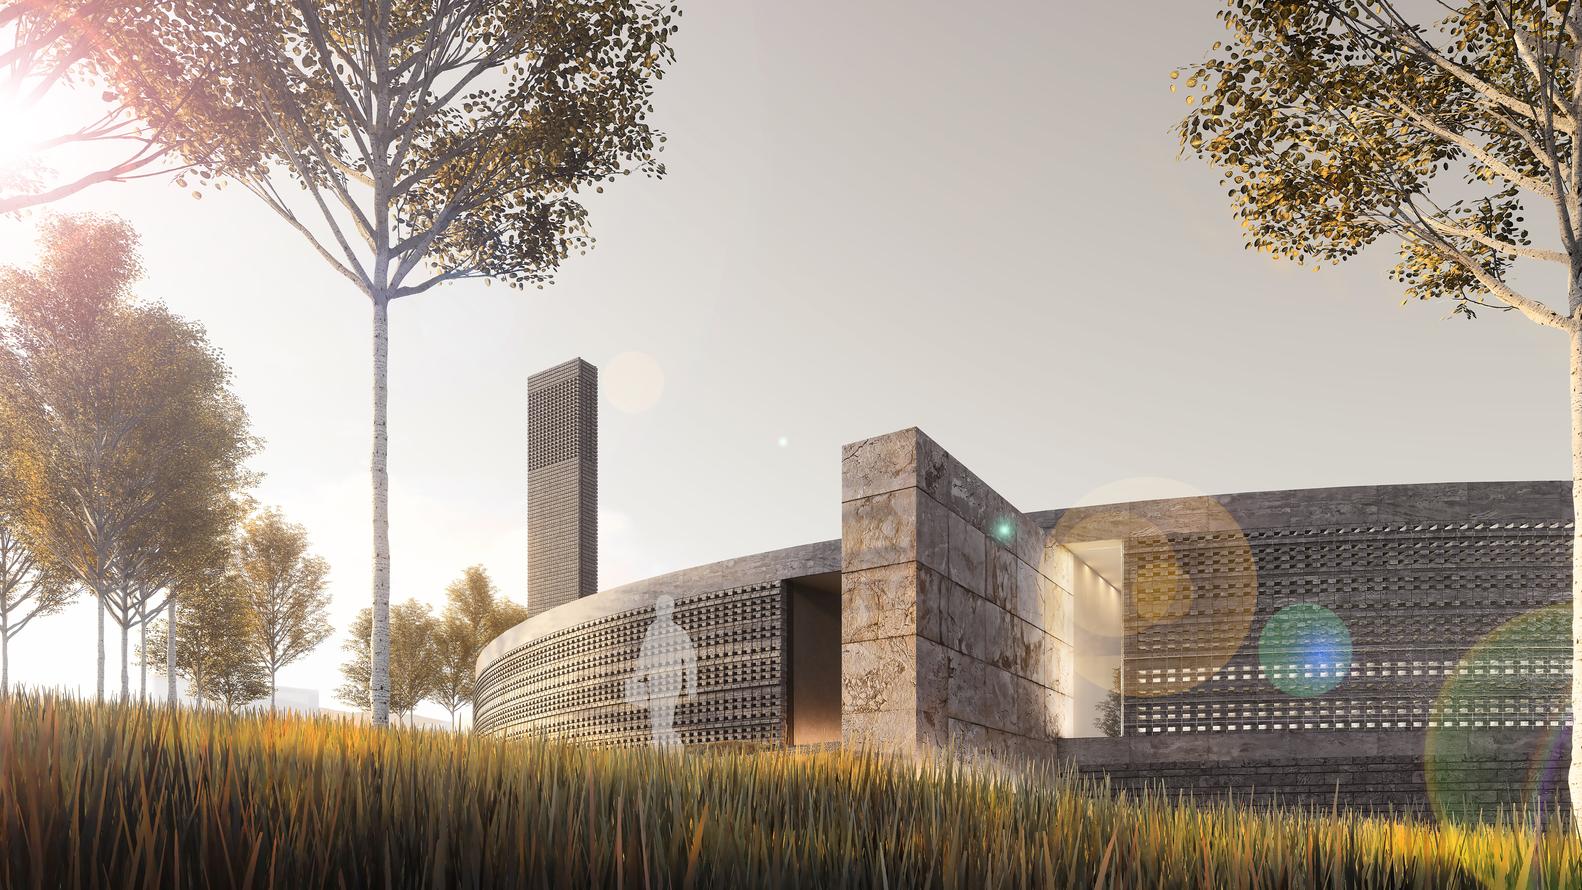 BeOffice Geleneksel Cami Mimarisini Yeniden Yorumladı 6